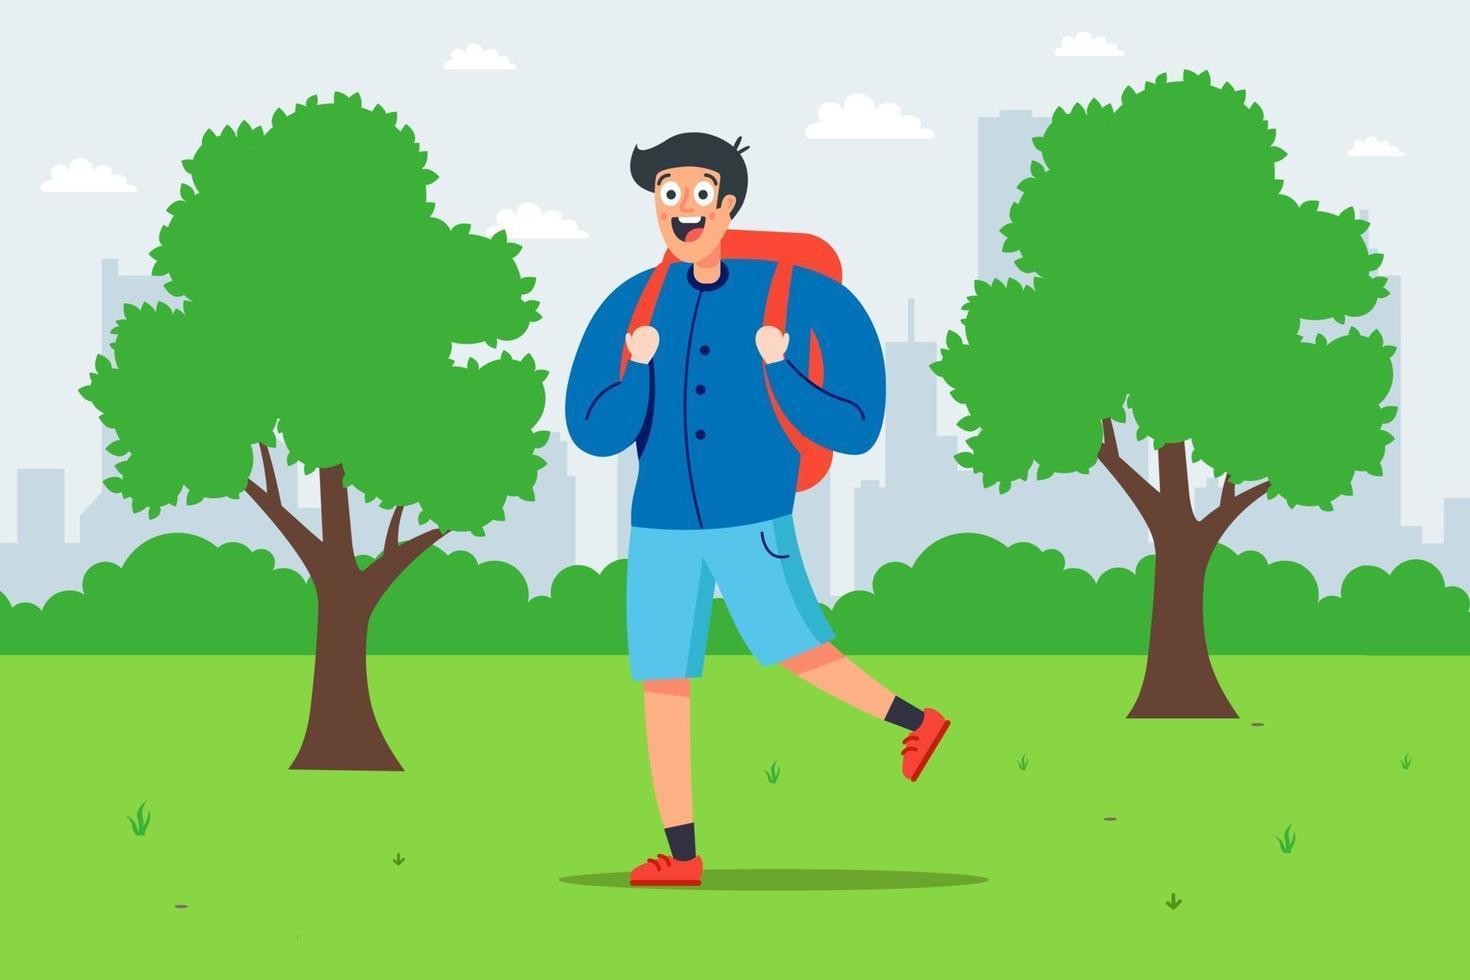 garçon avec un sac à dos se promène dans un parc verdoyant. illustration vectorielle plane. vecteur